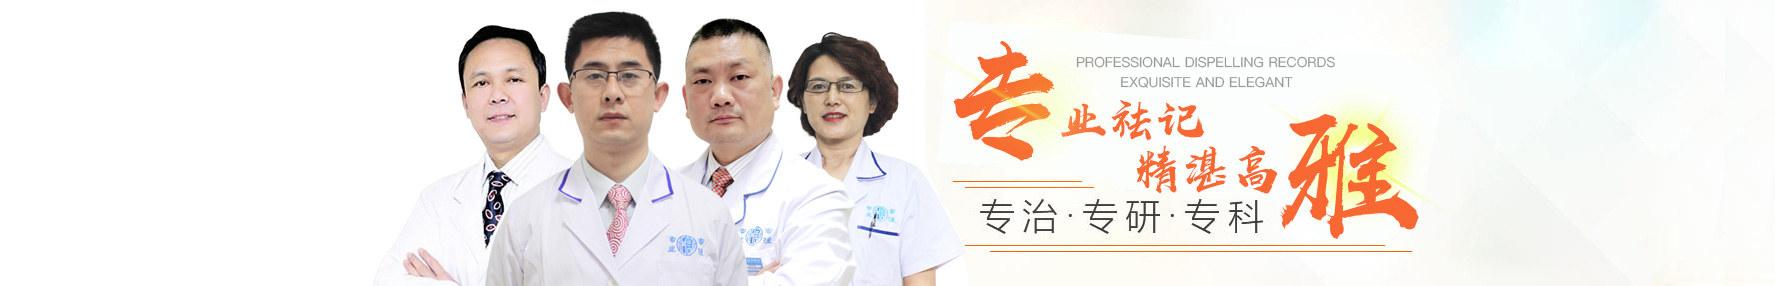 广州健肤皮肤专科门诊部